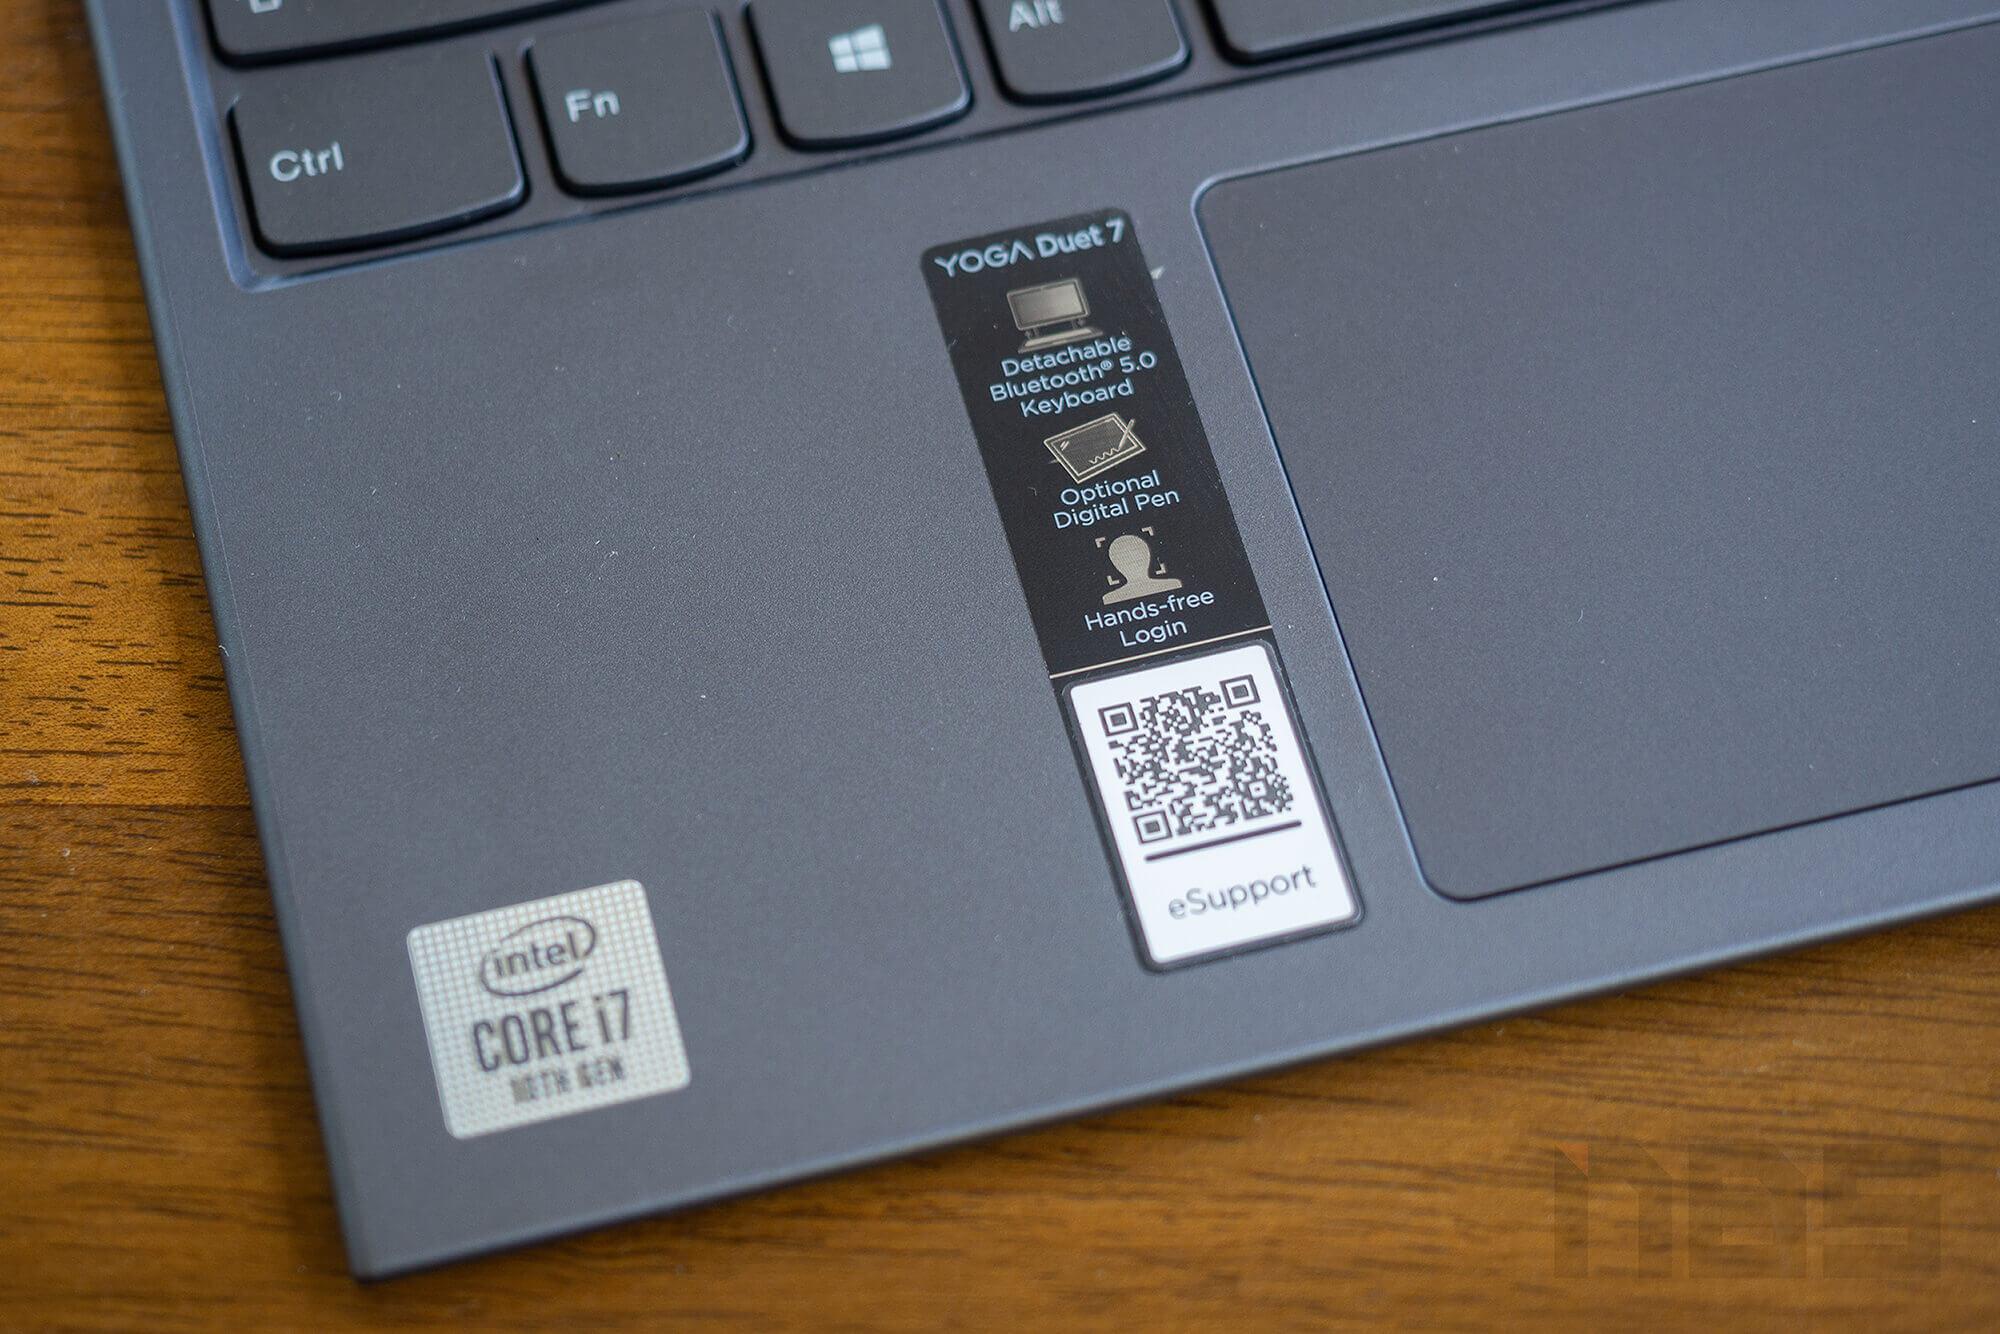 Review Lenovo YOGA Duet 7i NotebookSPEC 23